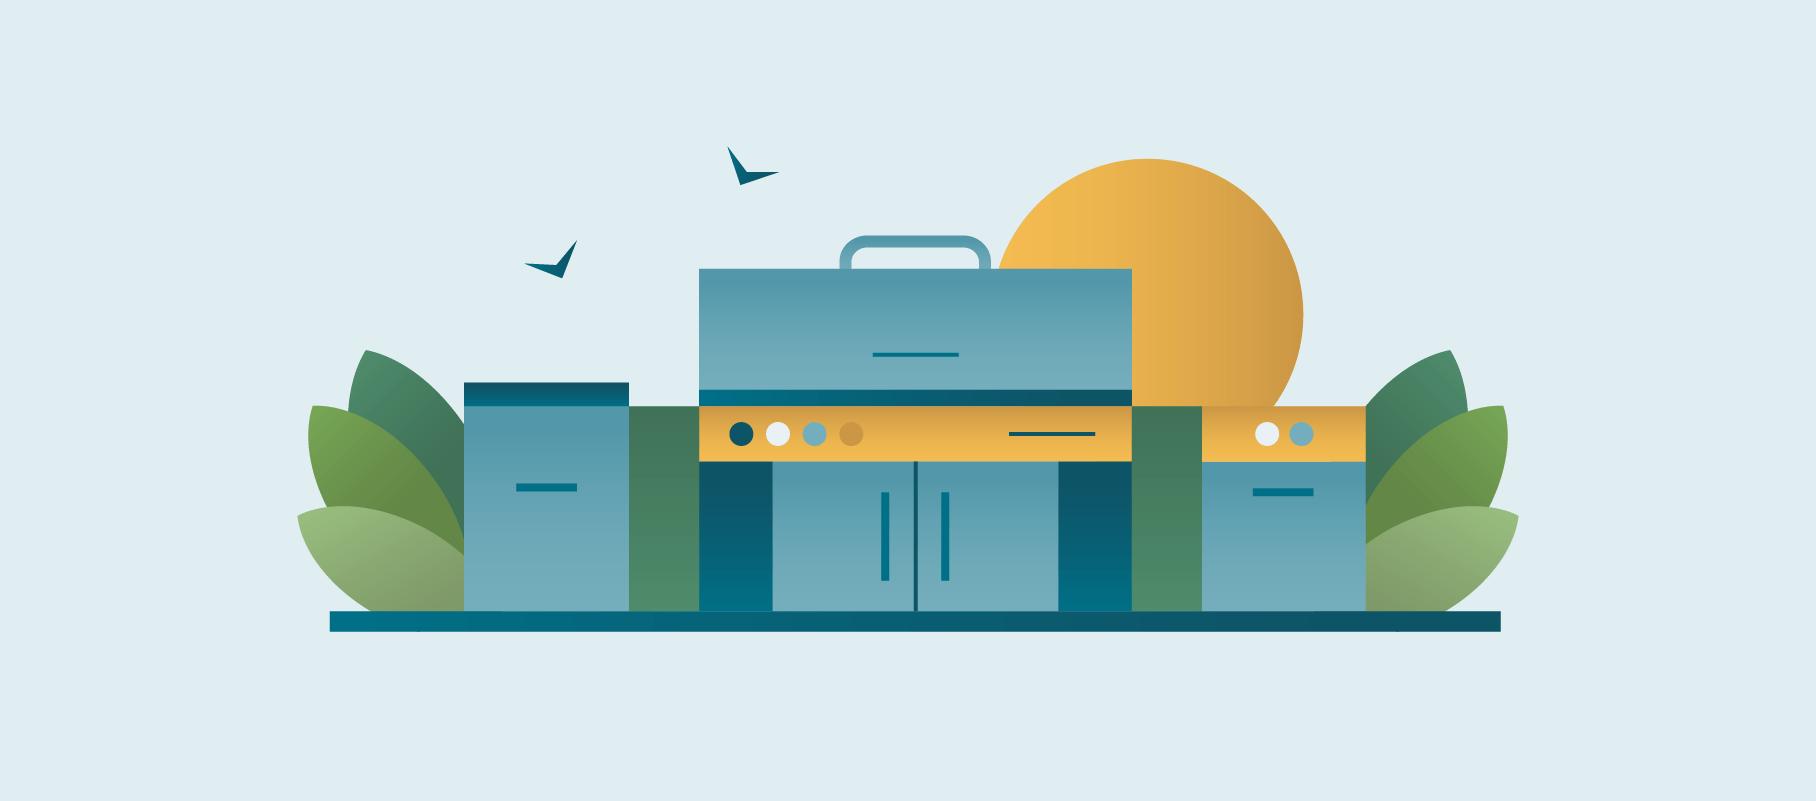 Basic Outdoor Kitchen Illustration